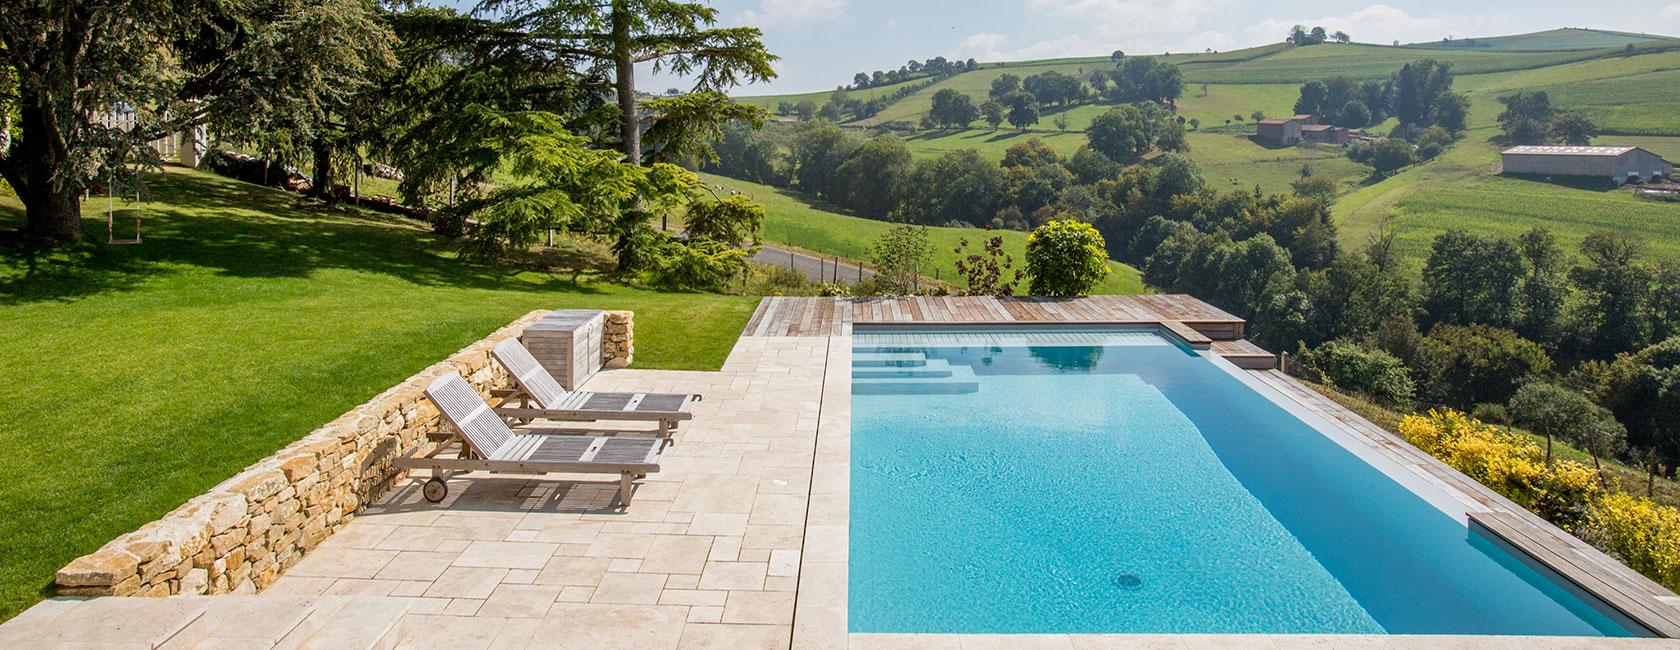 Peguet Paysages piscine paysagère